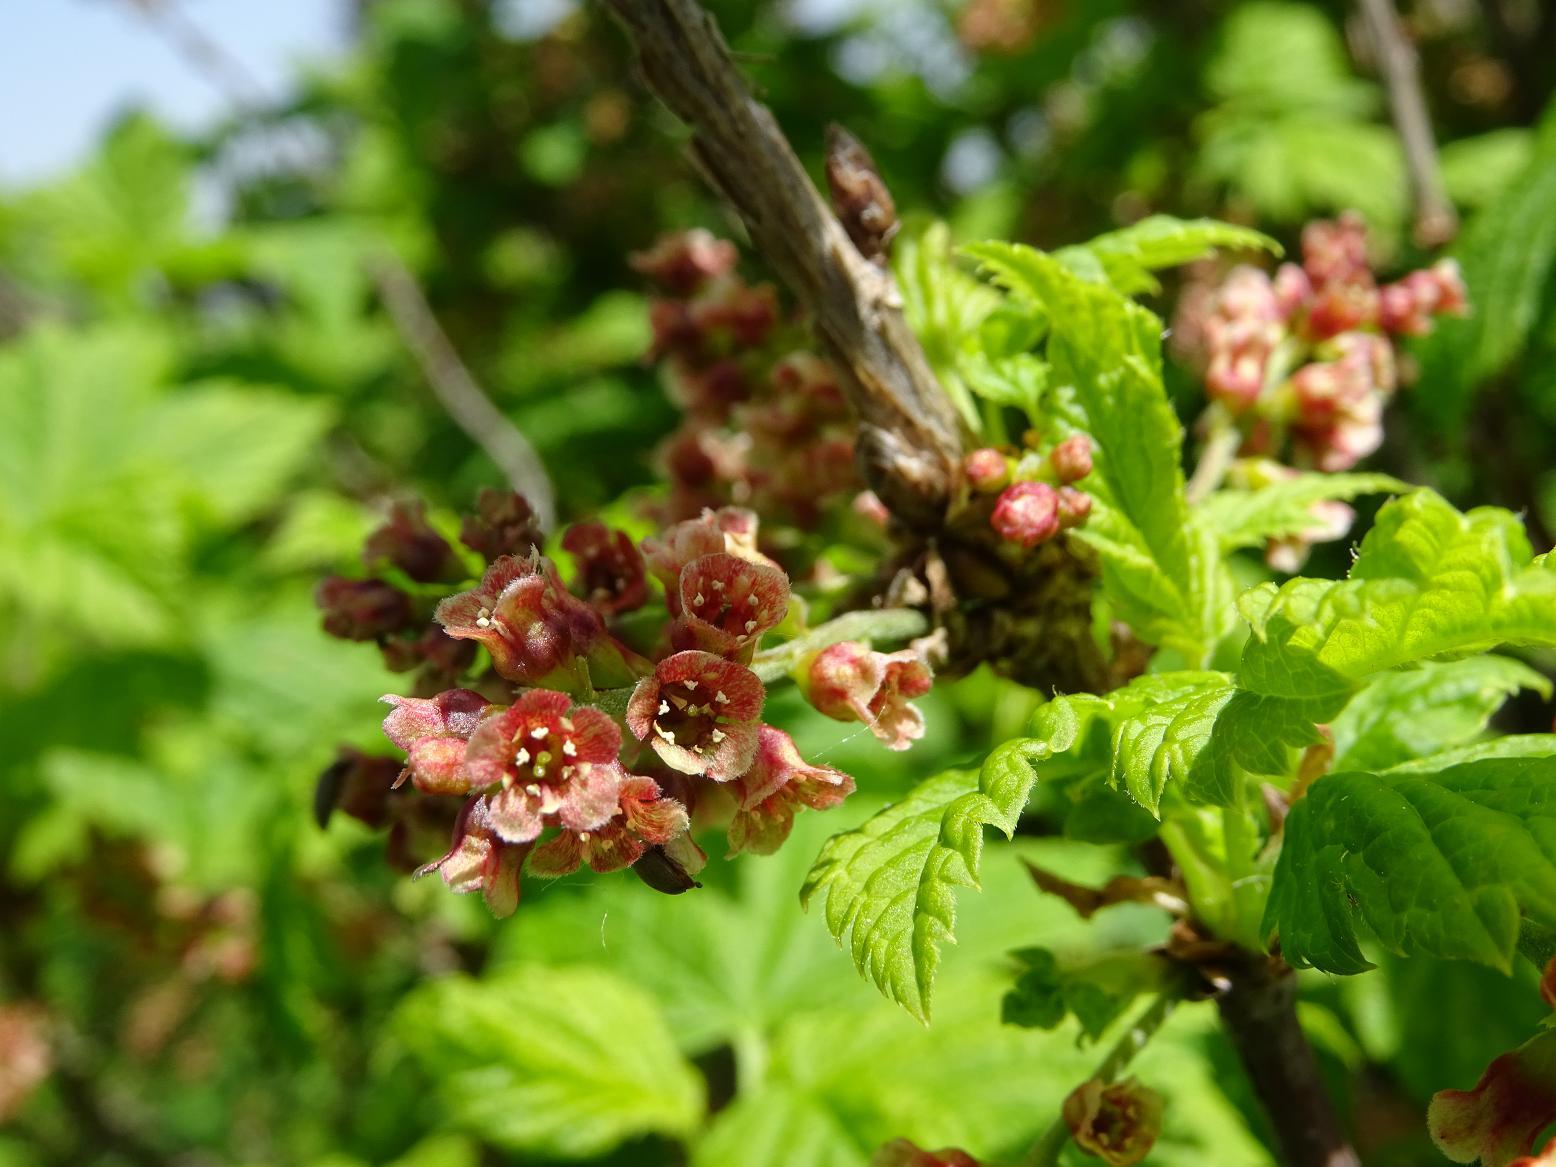 Смородина скальная (Ribes petraeum). Автор фото: Кирилова Любовь